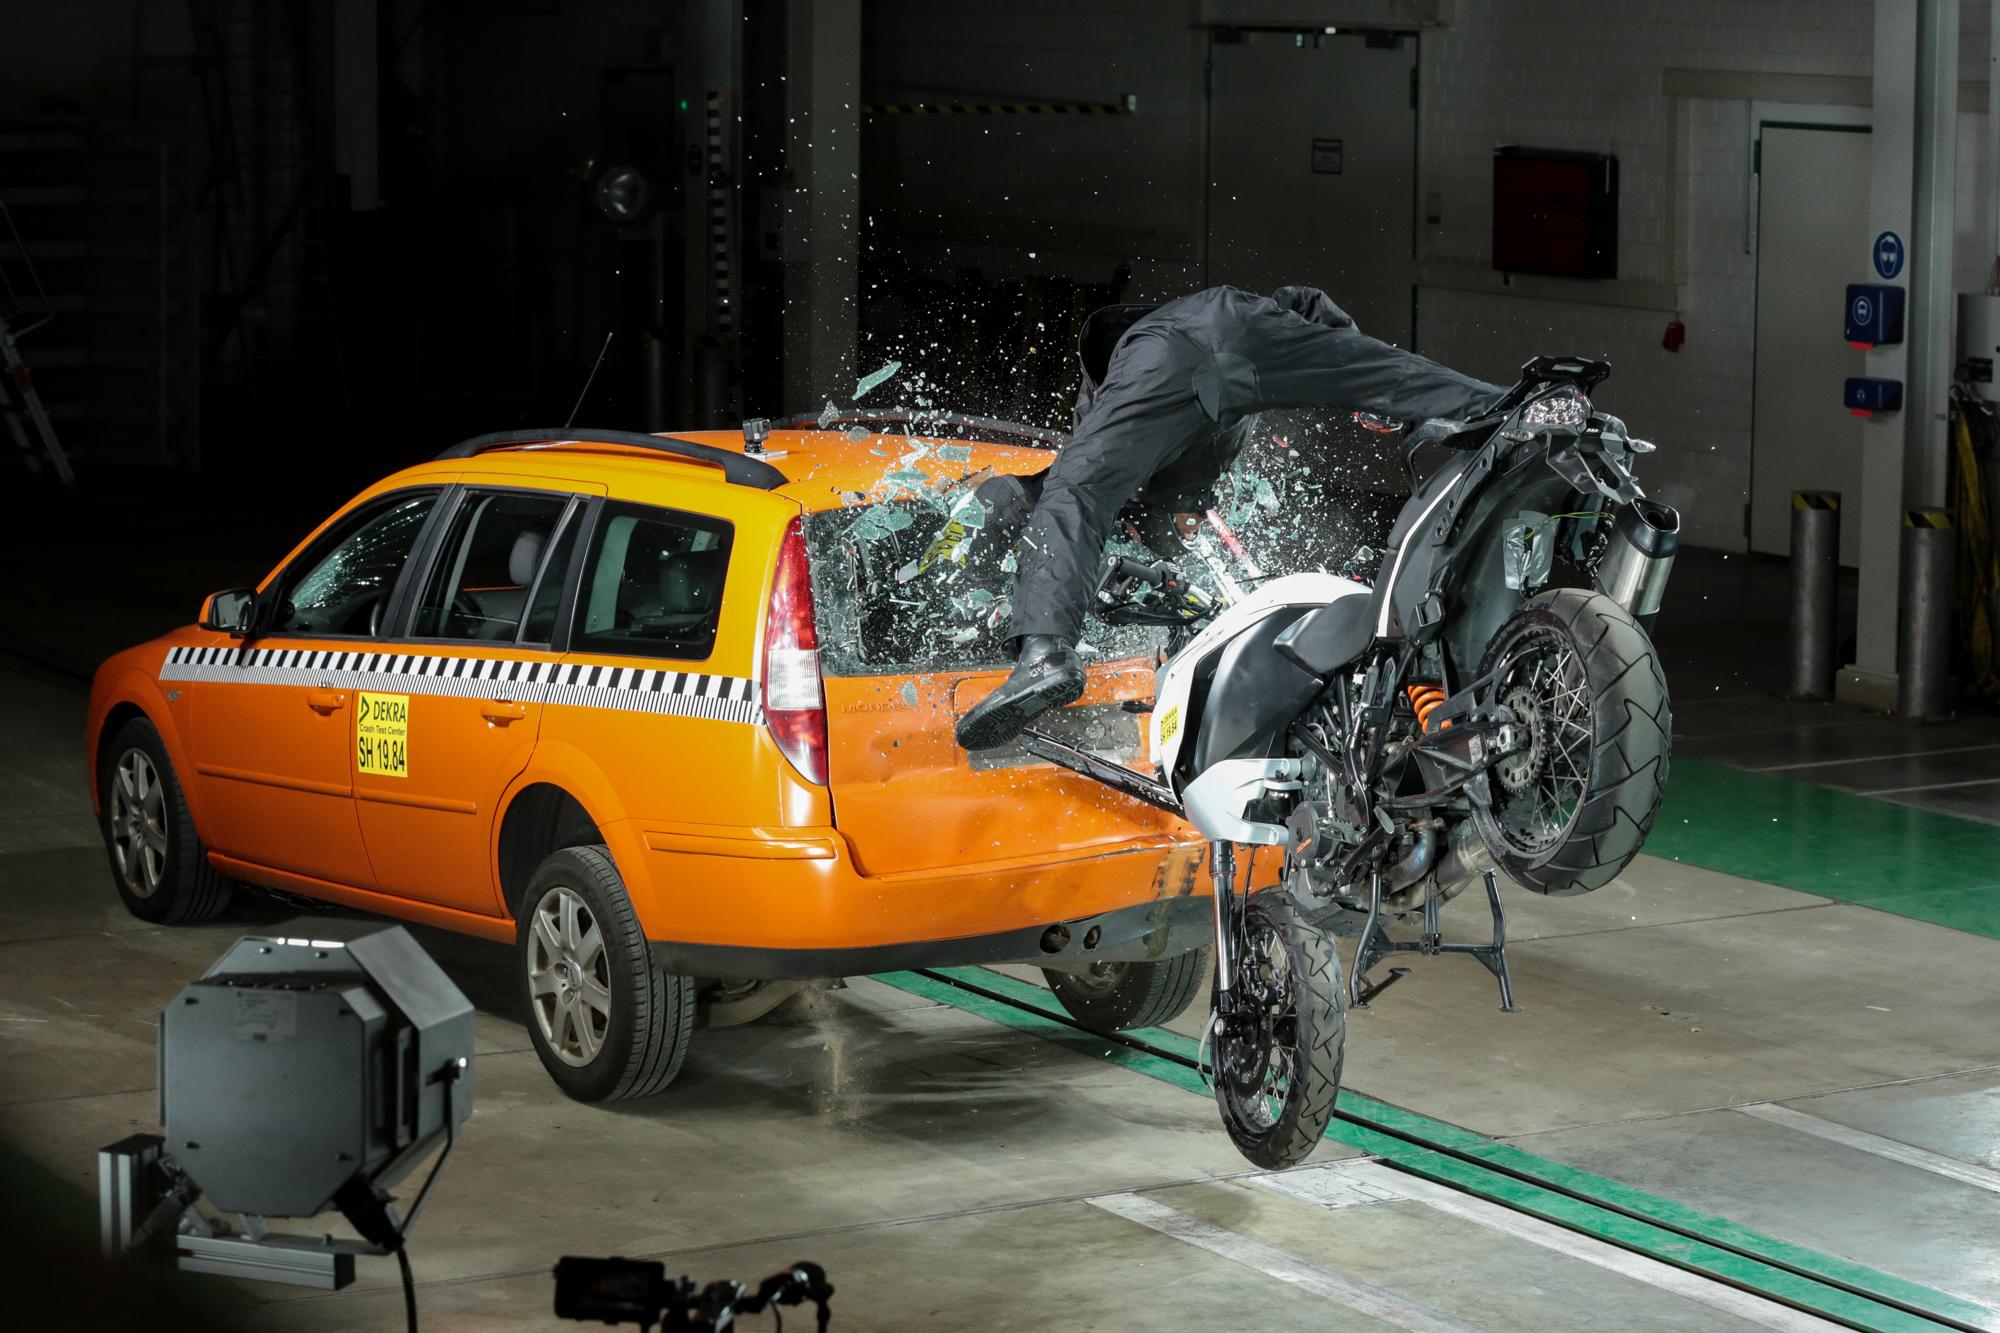 Assistenza rapida in caso di emergenza: Bosch introduce le chiamate di emergenza automatiche nel mondo delle moto